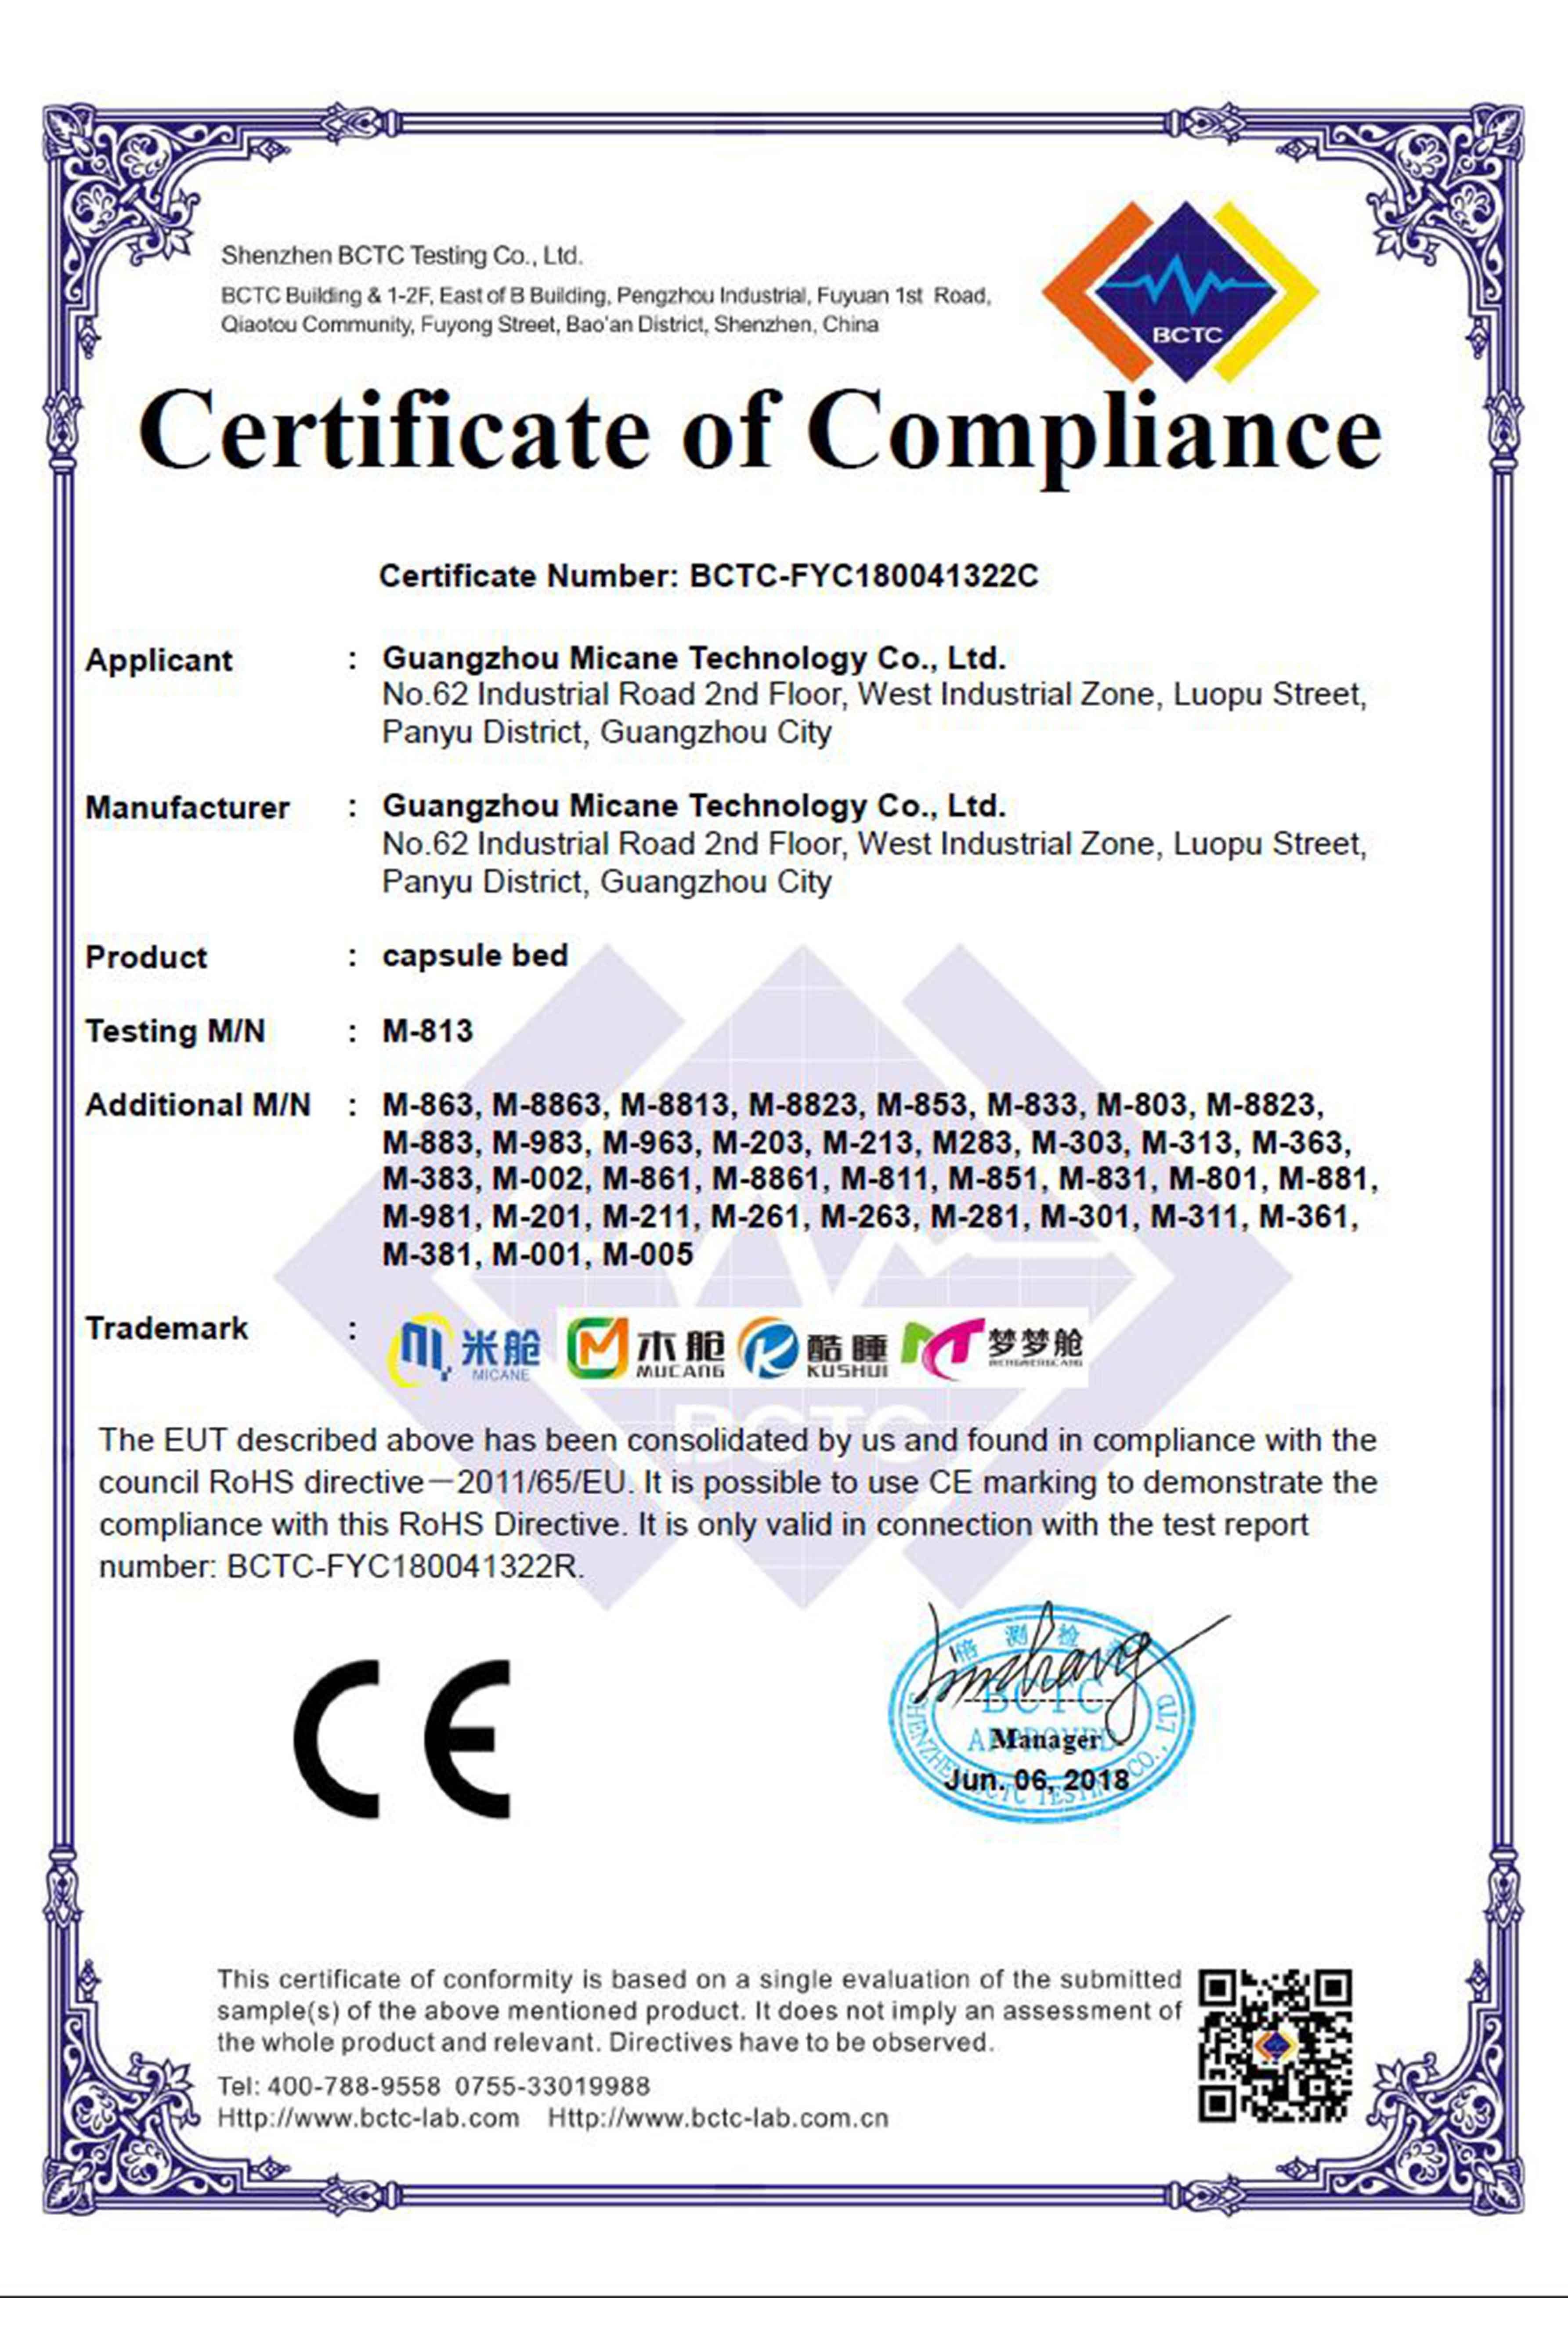 CE 證書